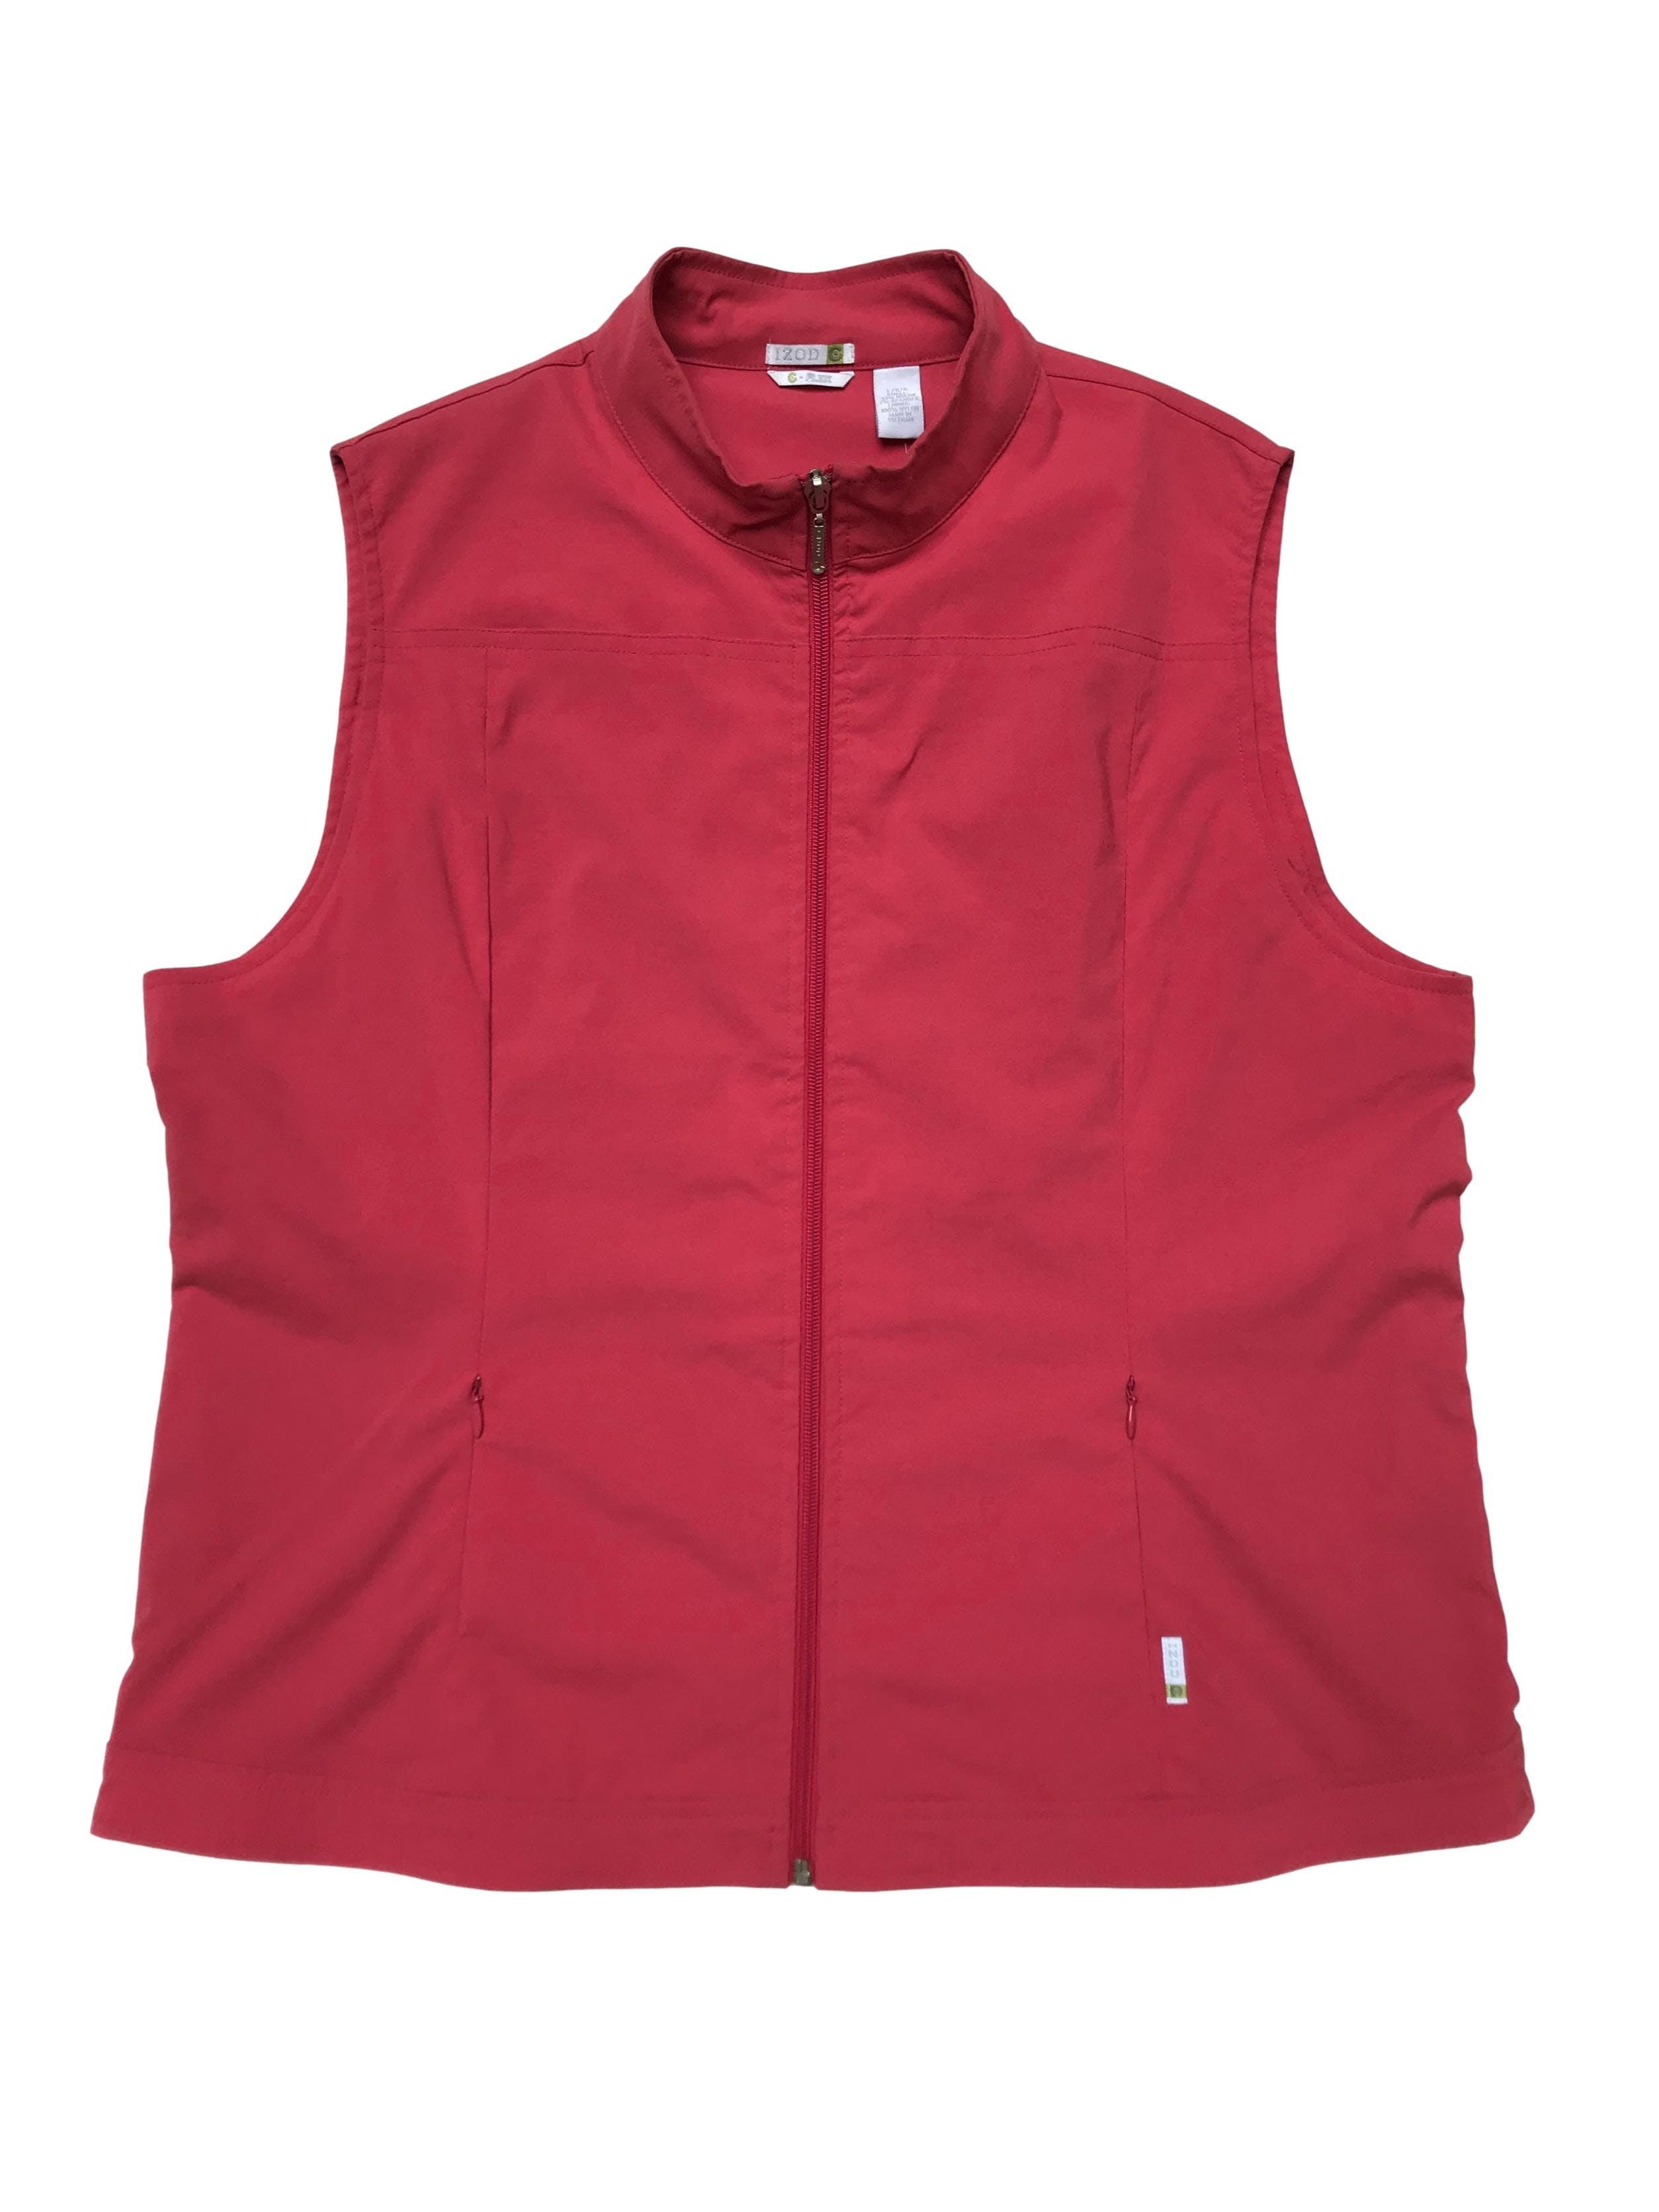 Chaleco Izod rojo palido, tela tipo taslán con forro, lleva cierre delantero, bolsillos laterales con cierres. Busto: 110 Largo 60 cm. Precio original S/ 210